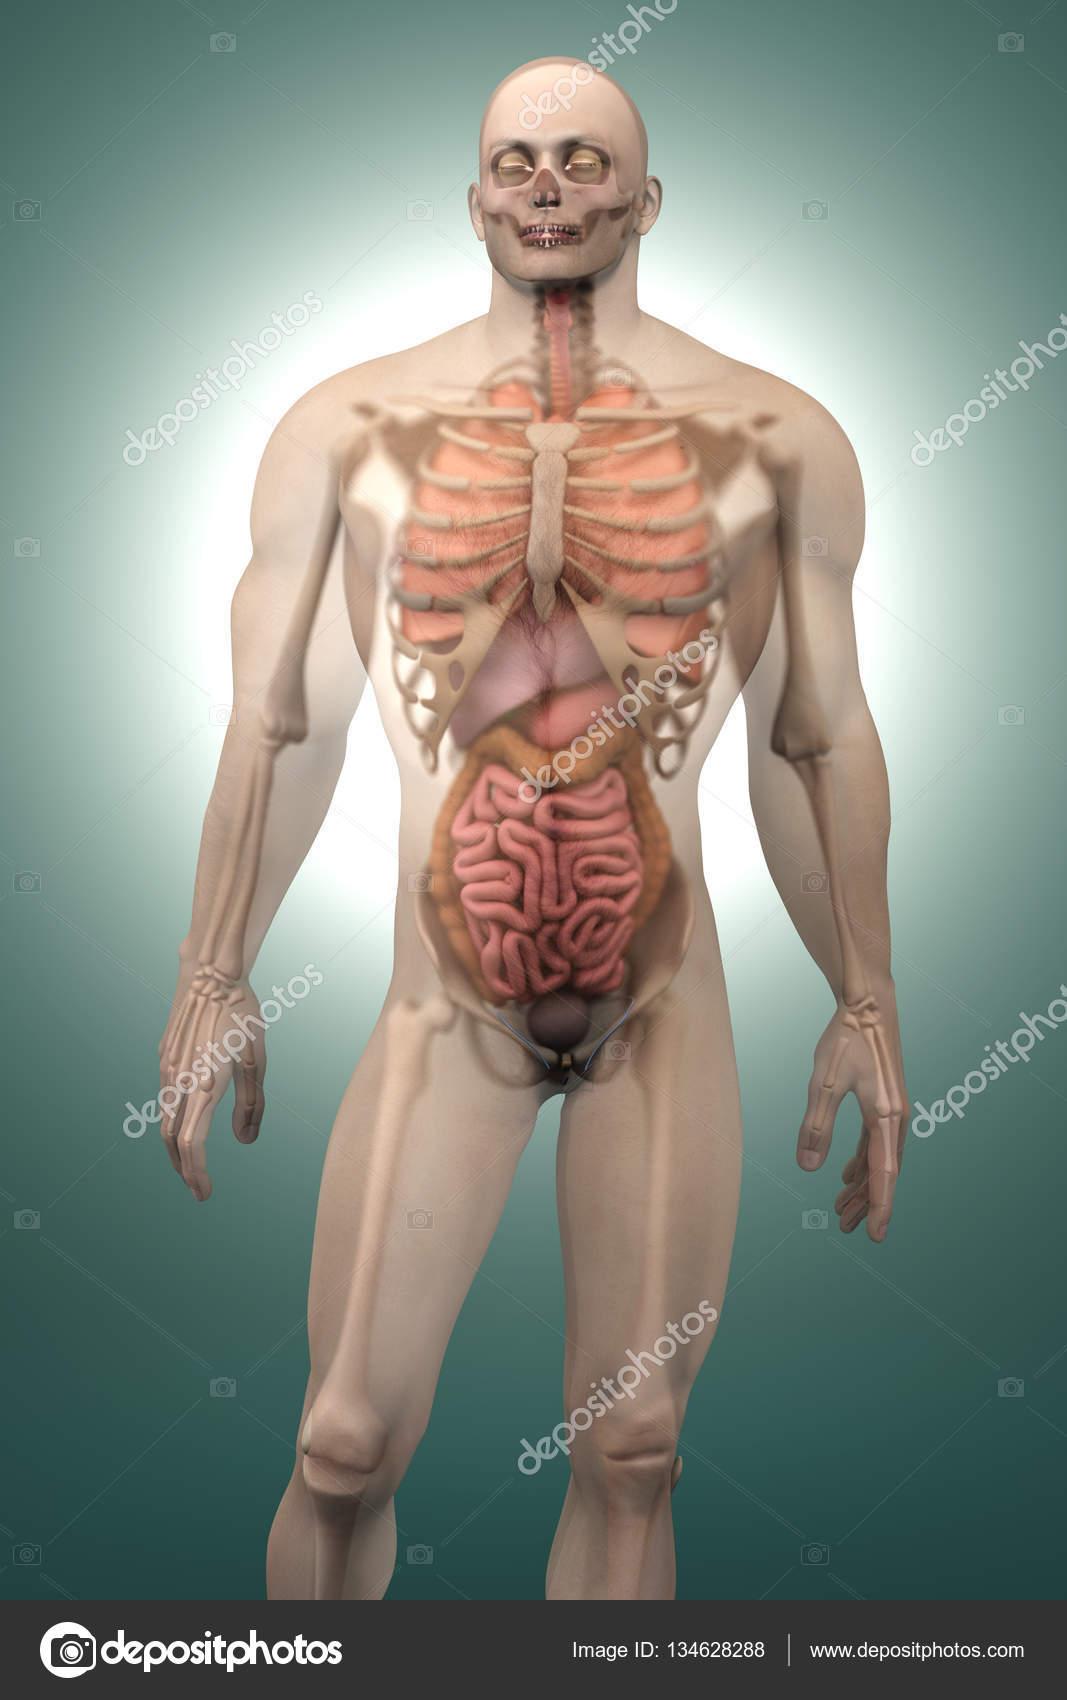 Menschliche Anatomie Visualisierung - Innenorgane — Stockfoto ...